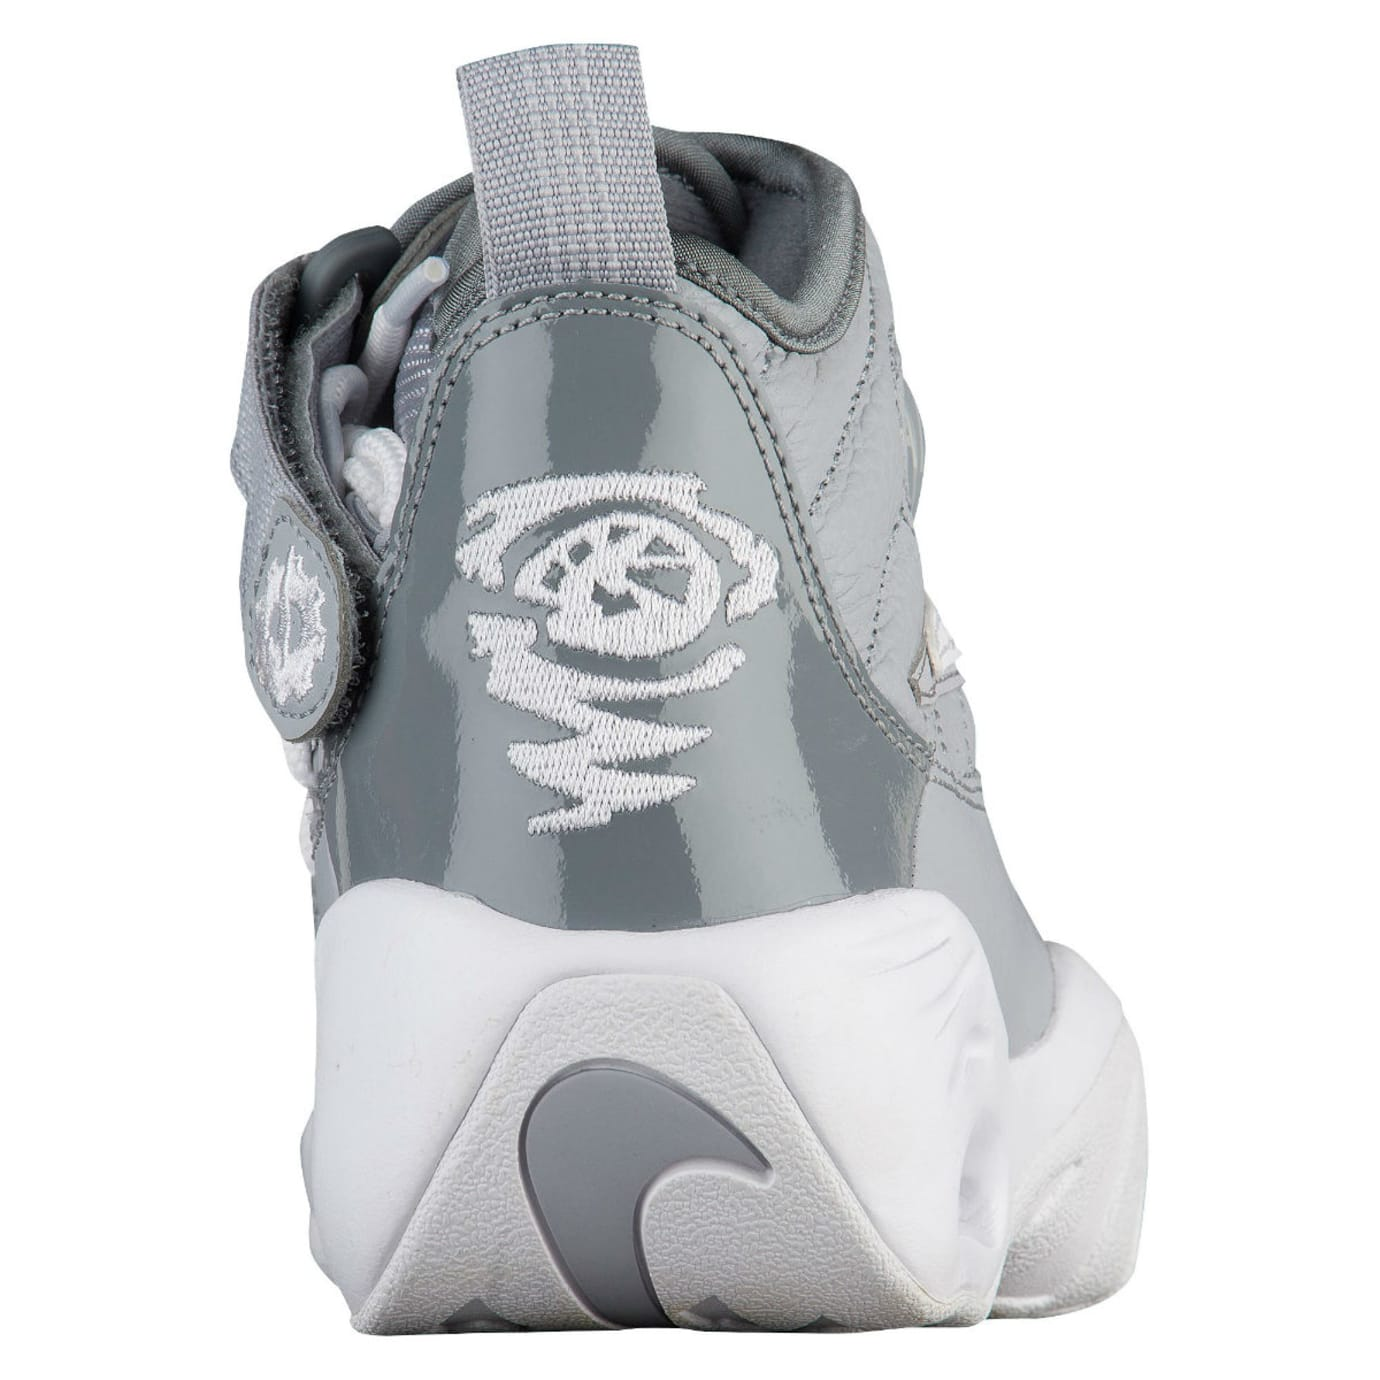 Nike Air Shake Ndestrukt Cool Grey Release Date Heel